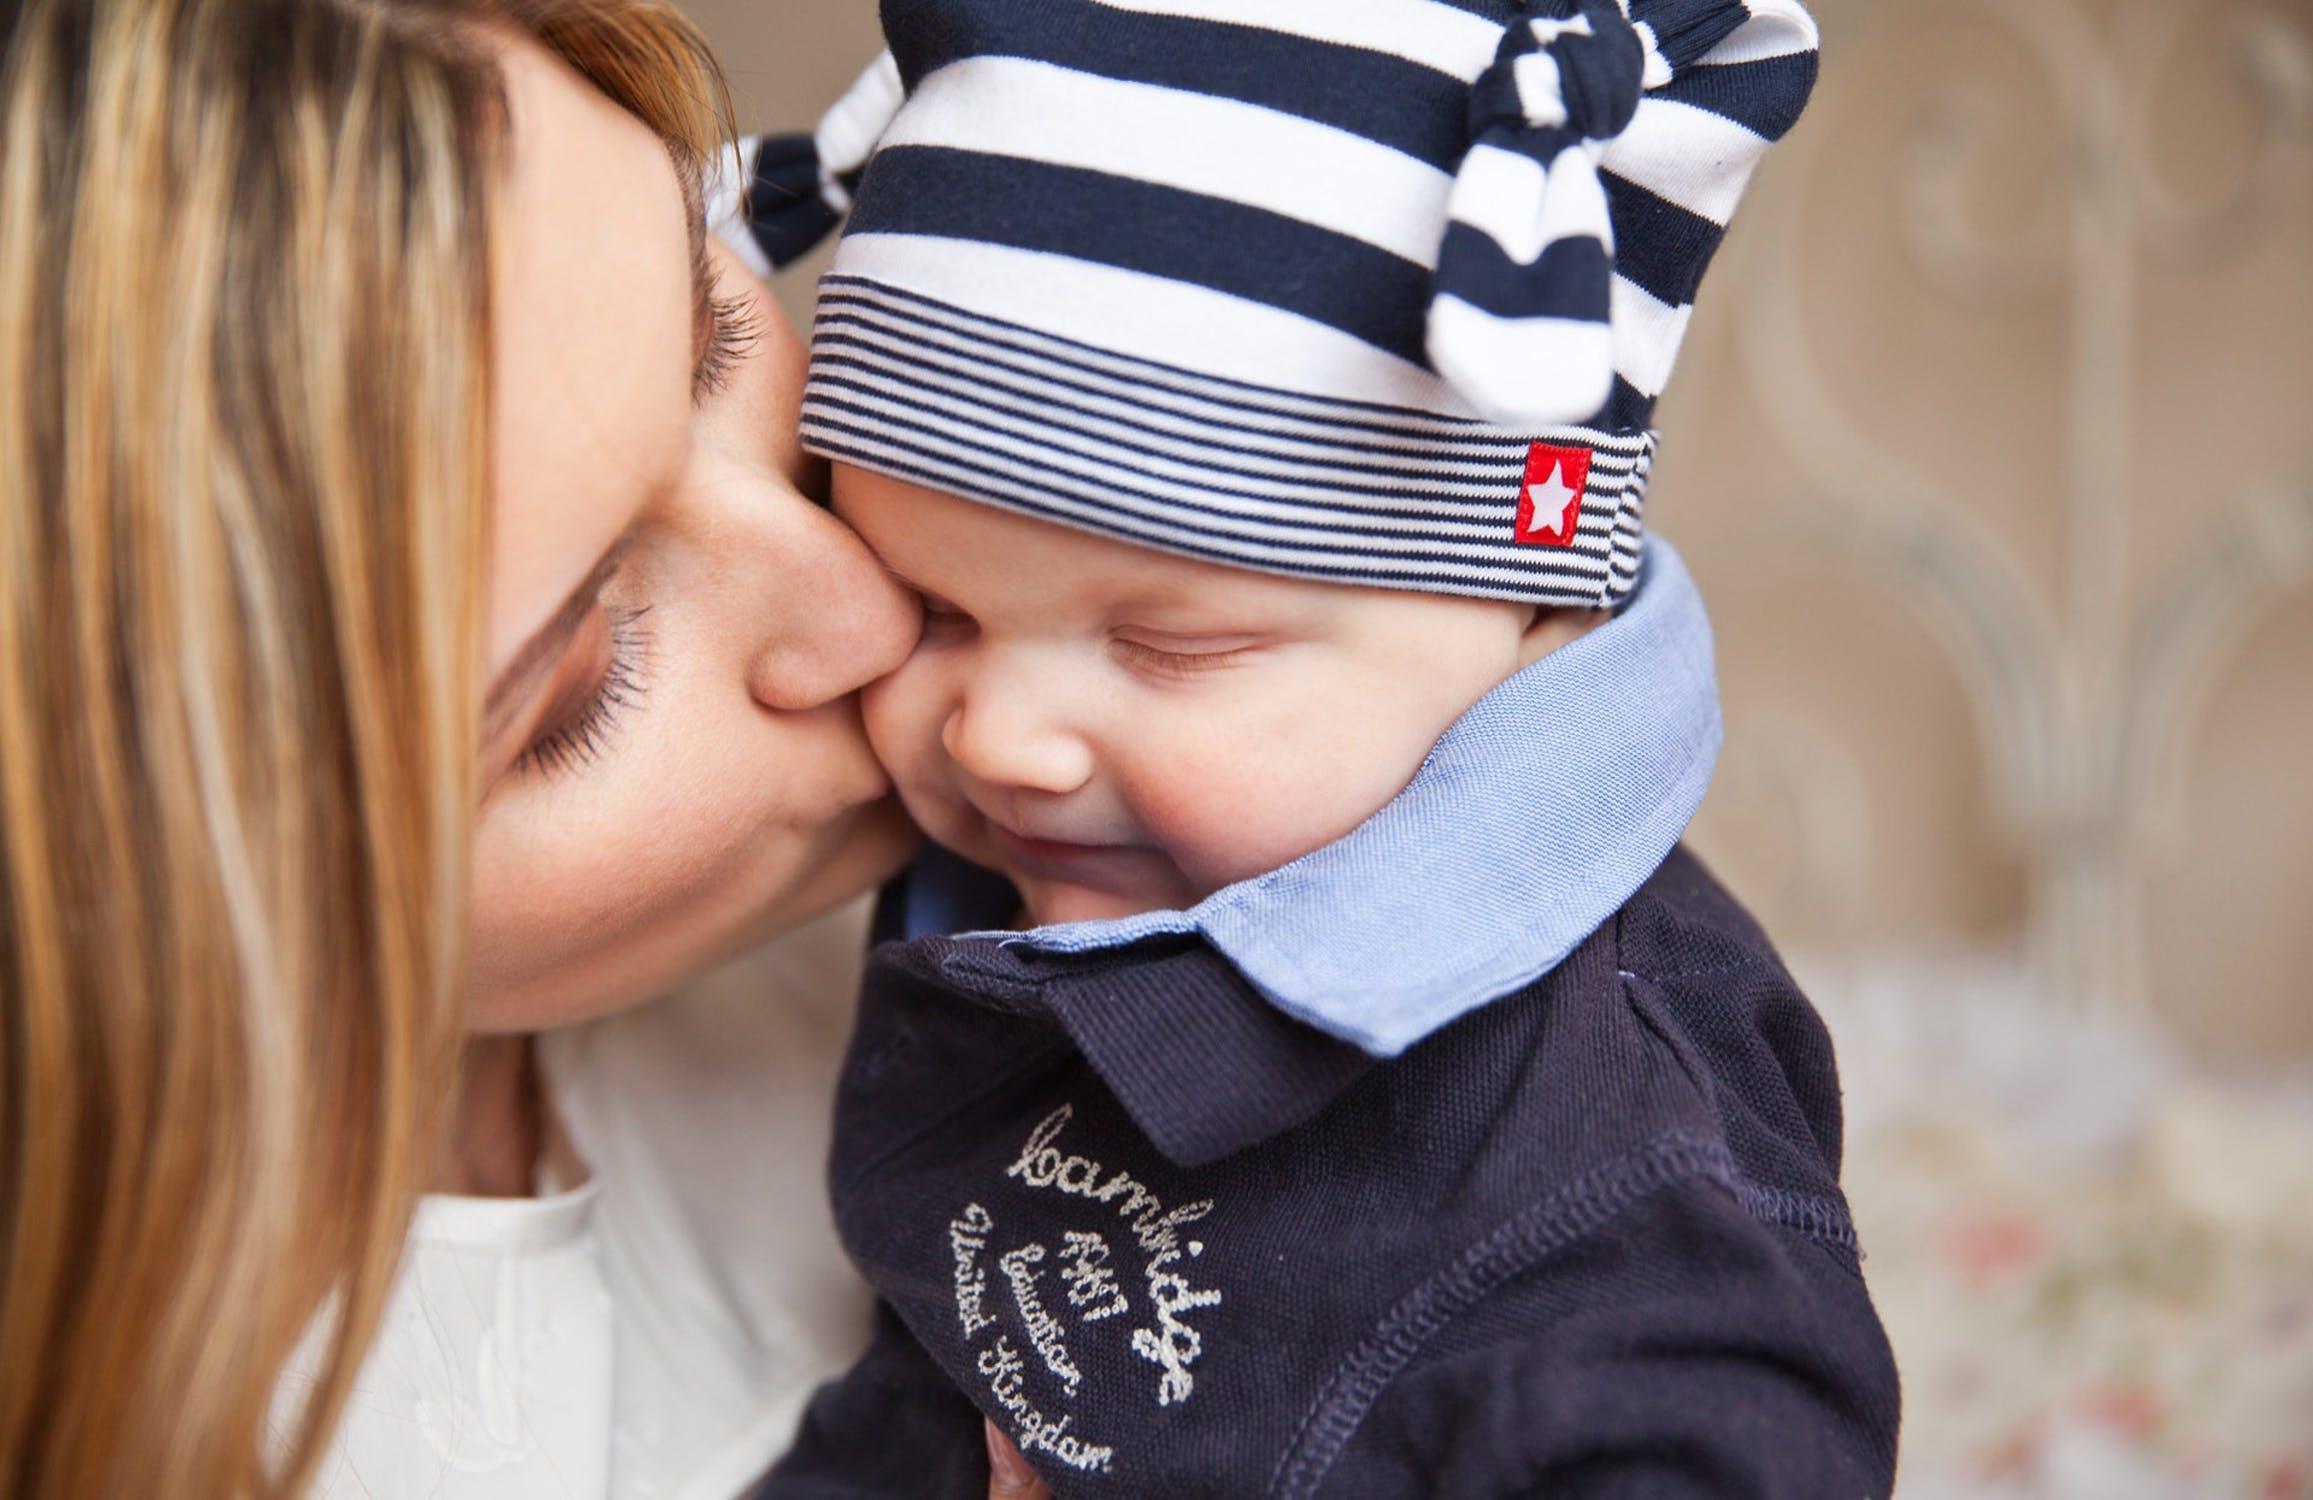 育婴师怎么样?育婴师工作内容又有哪些?